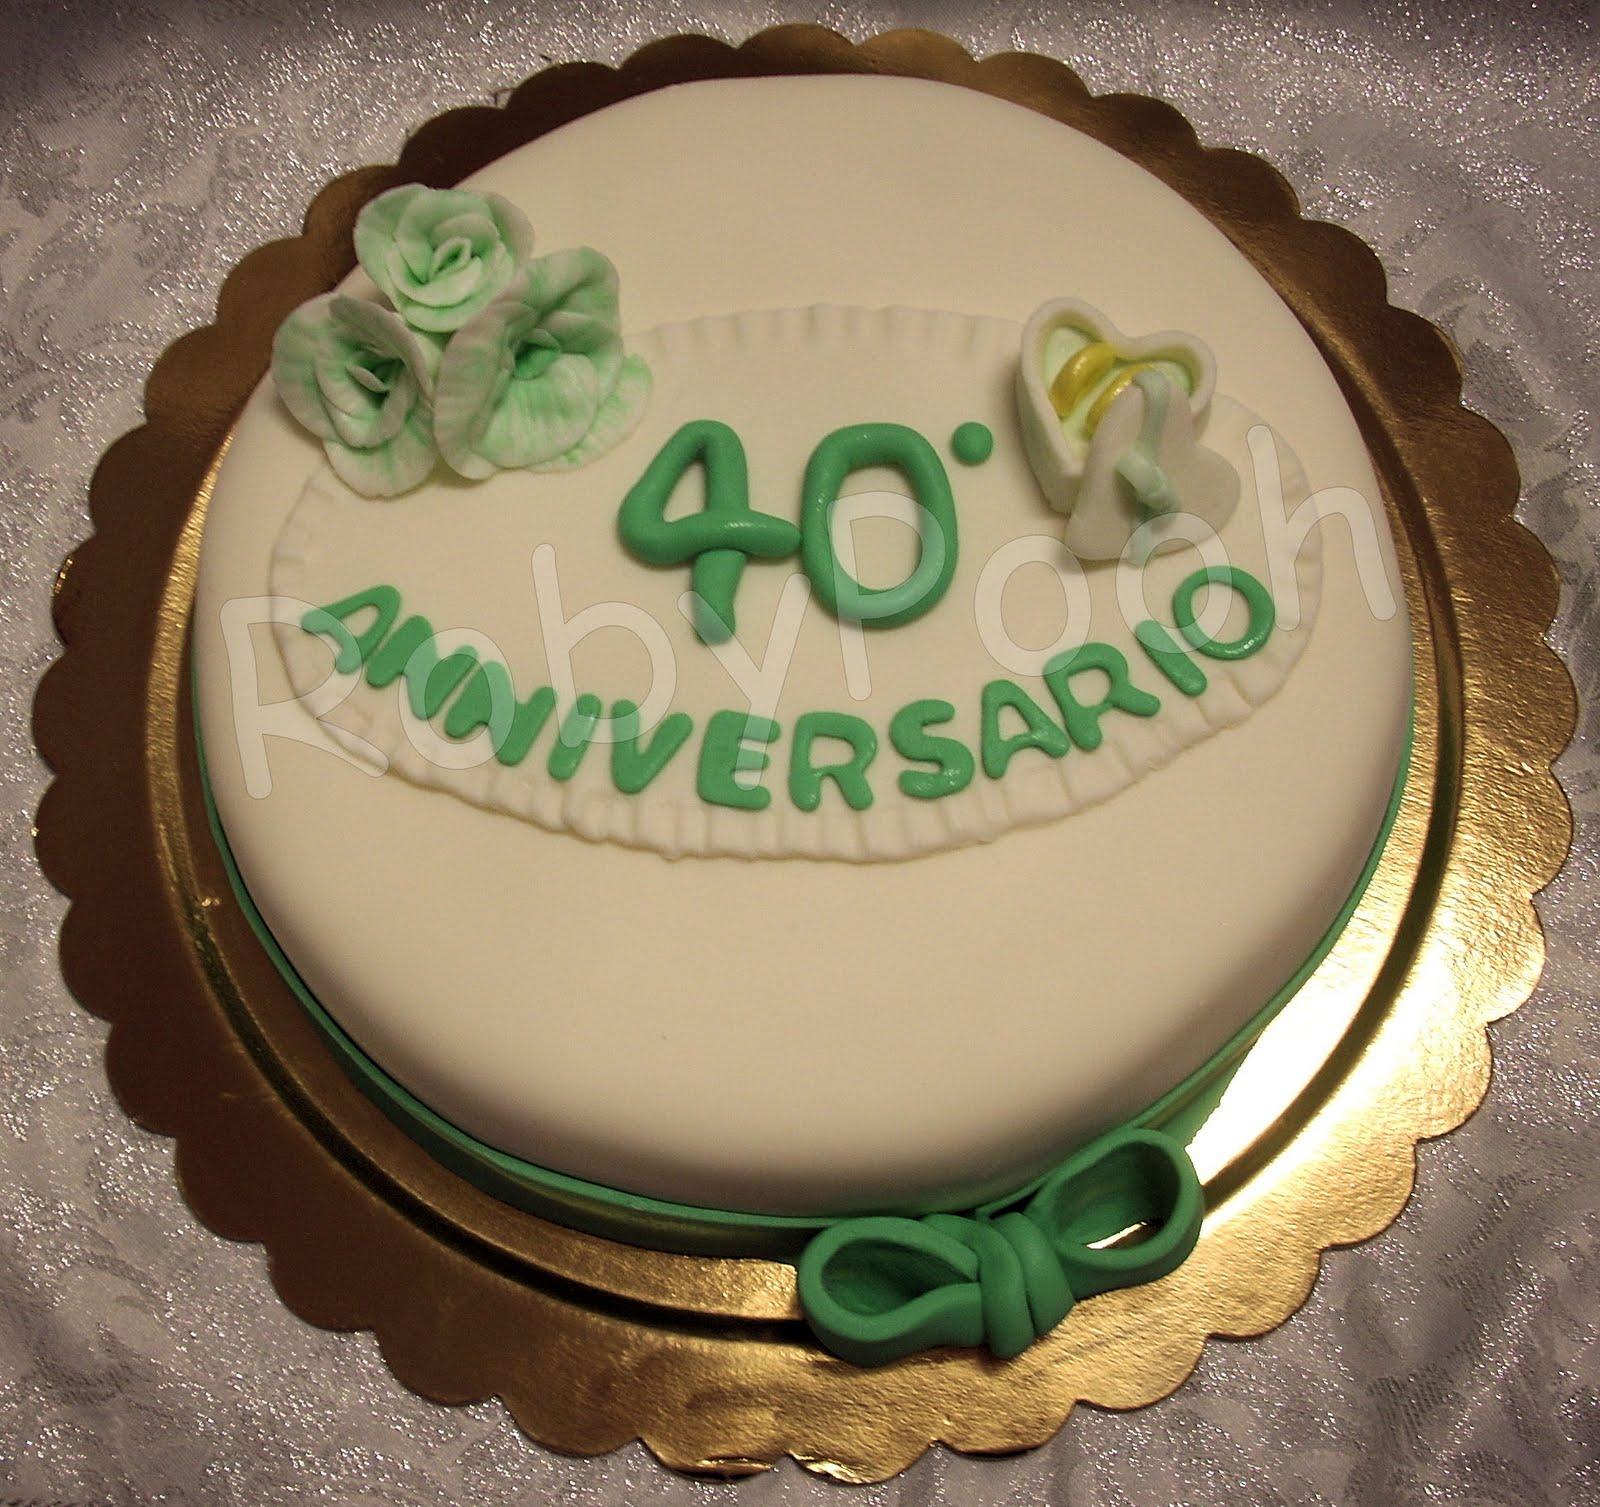 Dolci Delizie Torta 40 Anniversario Di Matrimonio